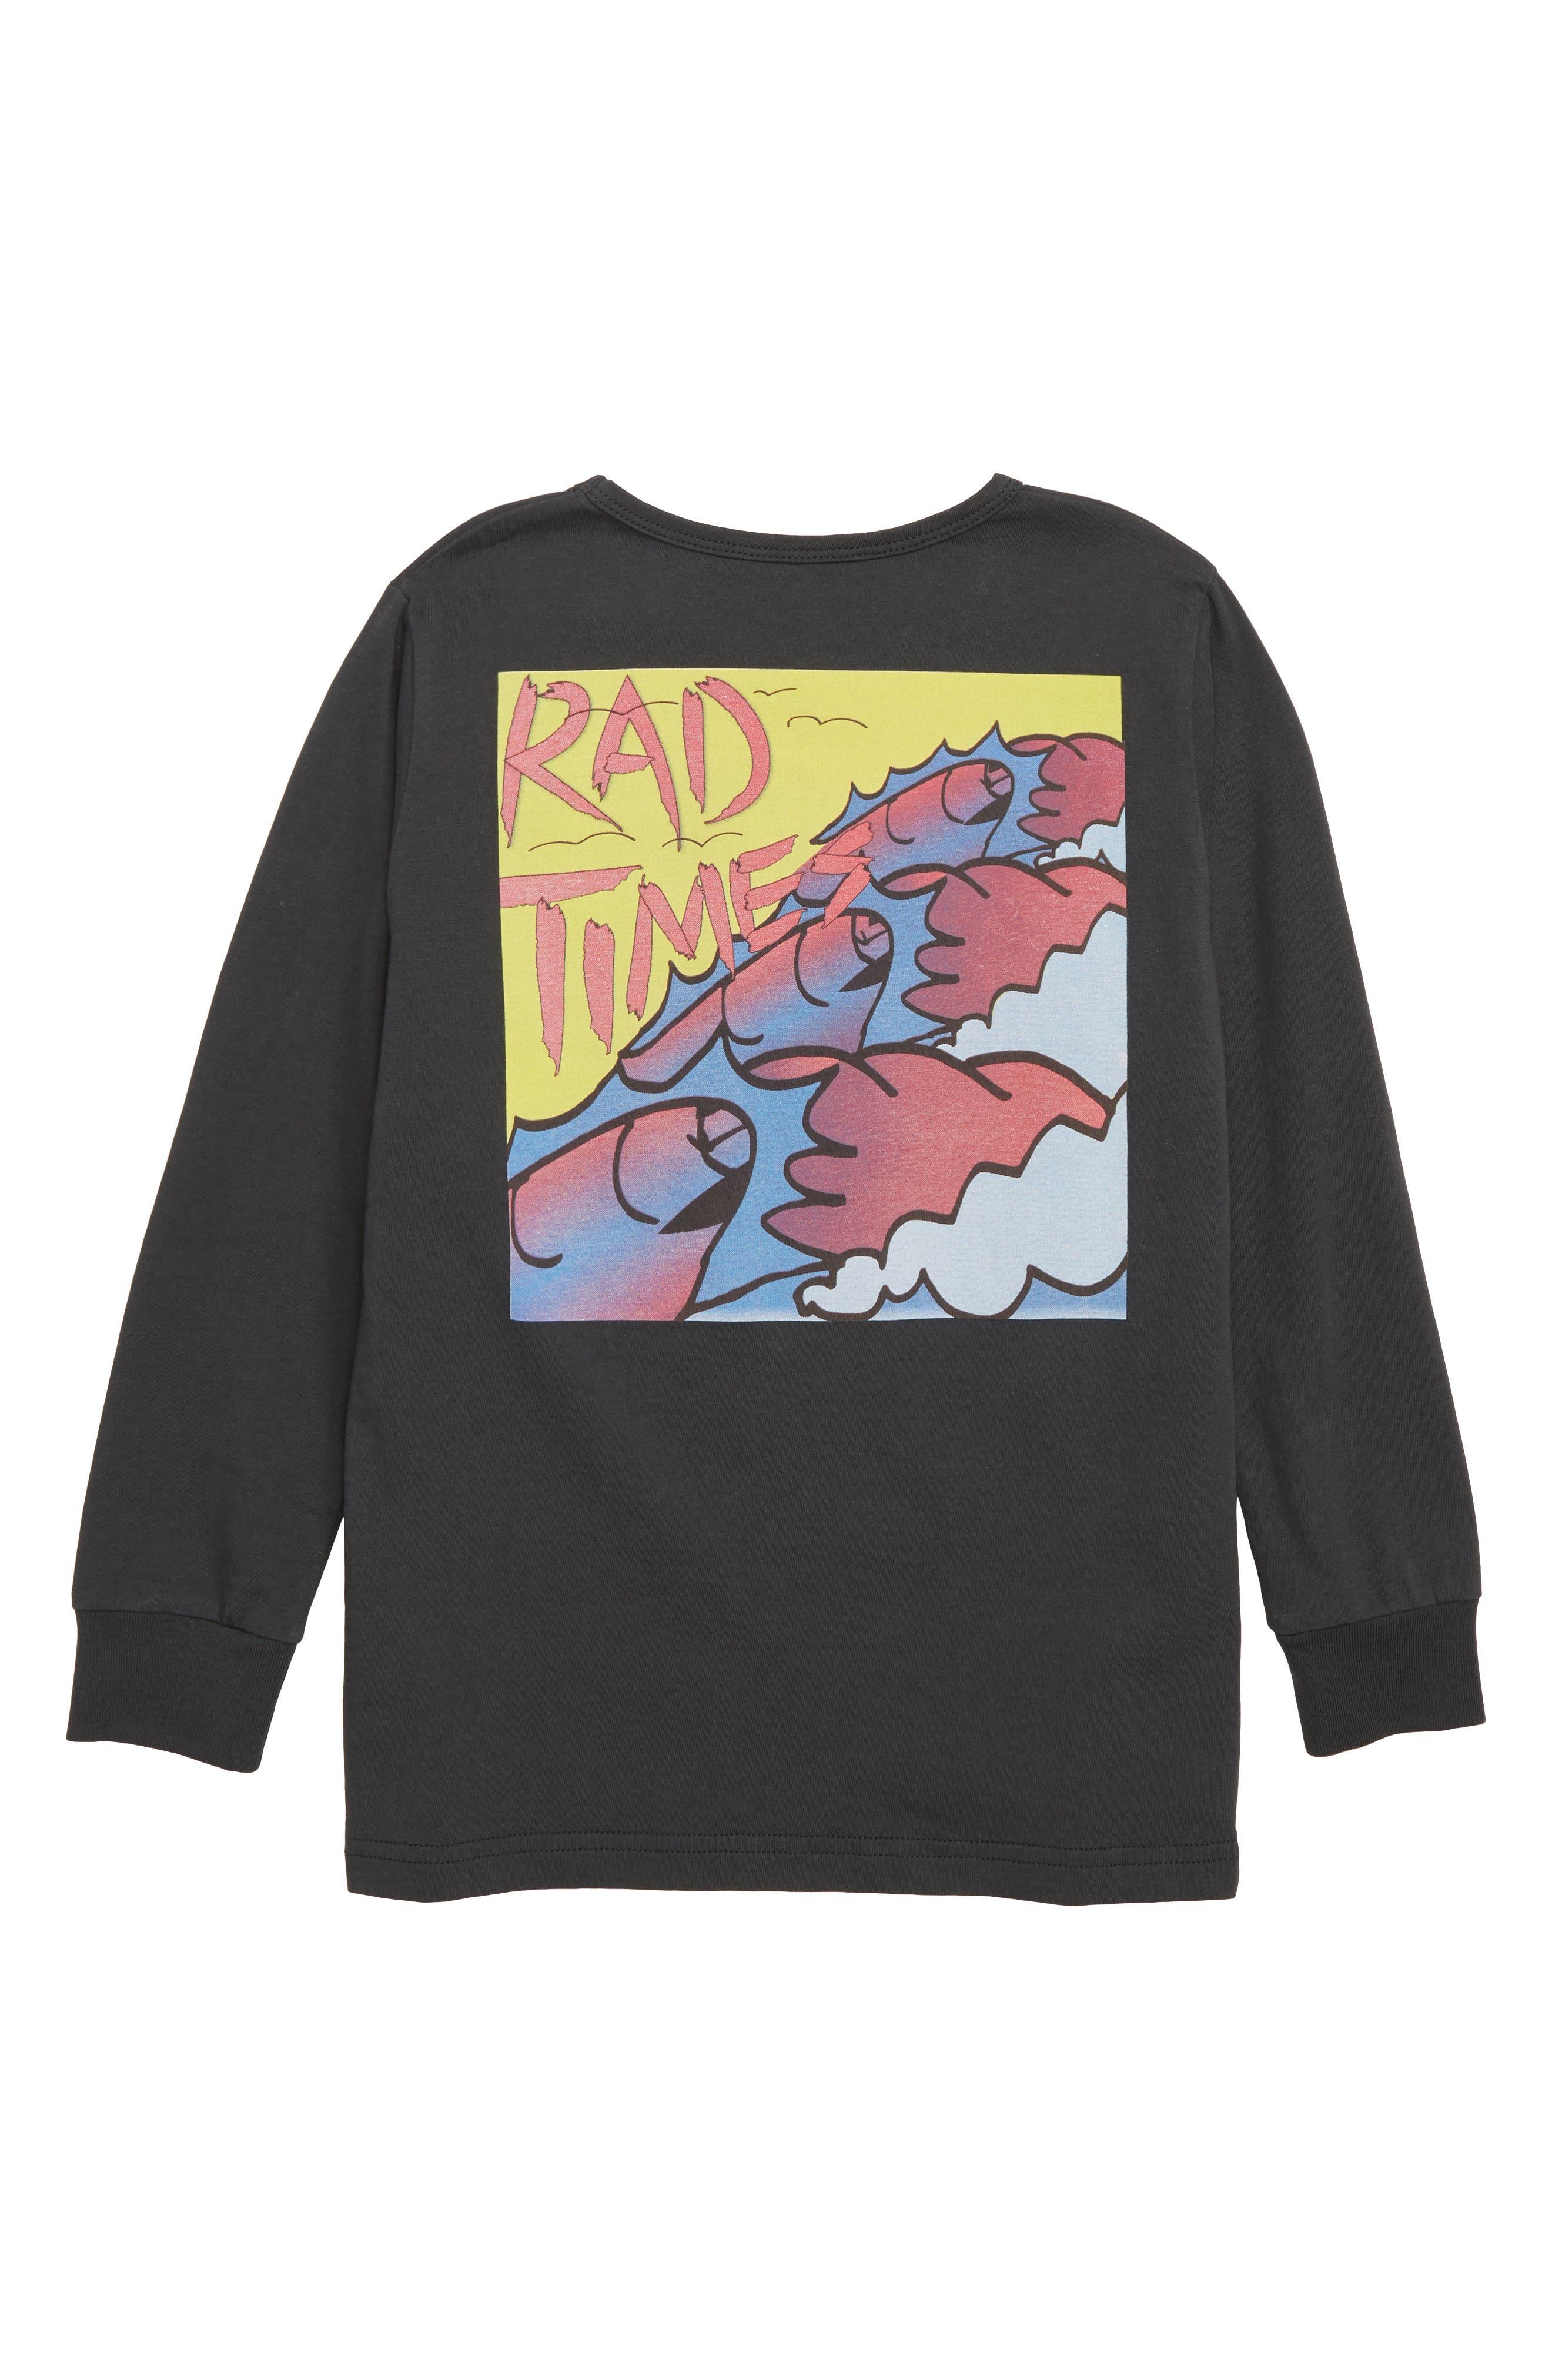 Rad Times T-Shirt,                             Alternate thumbnail 2, color,                             SOFT BLACK